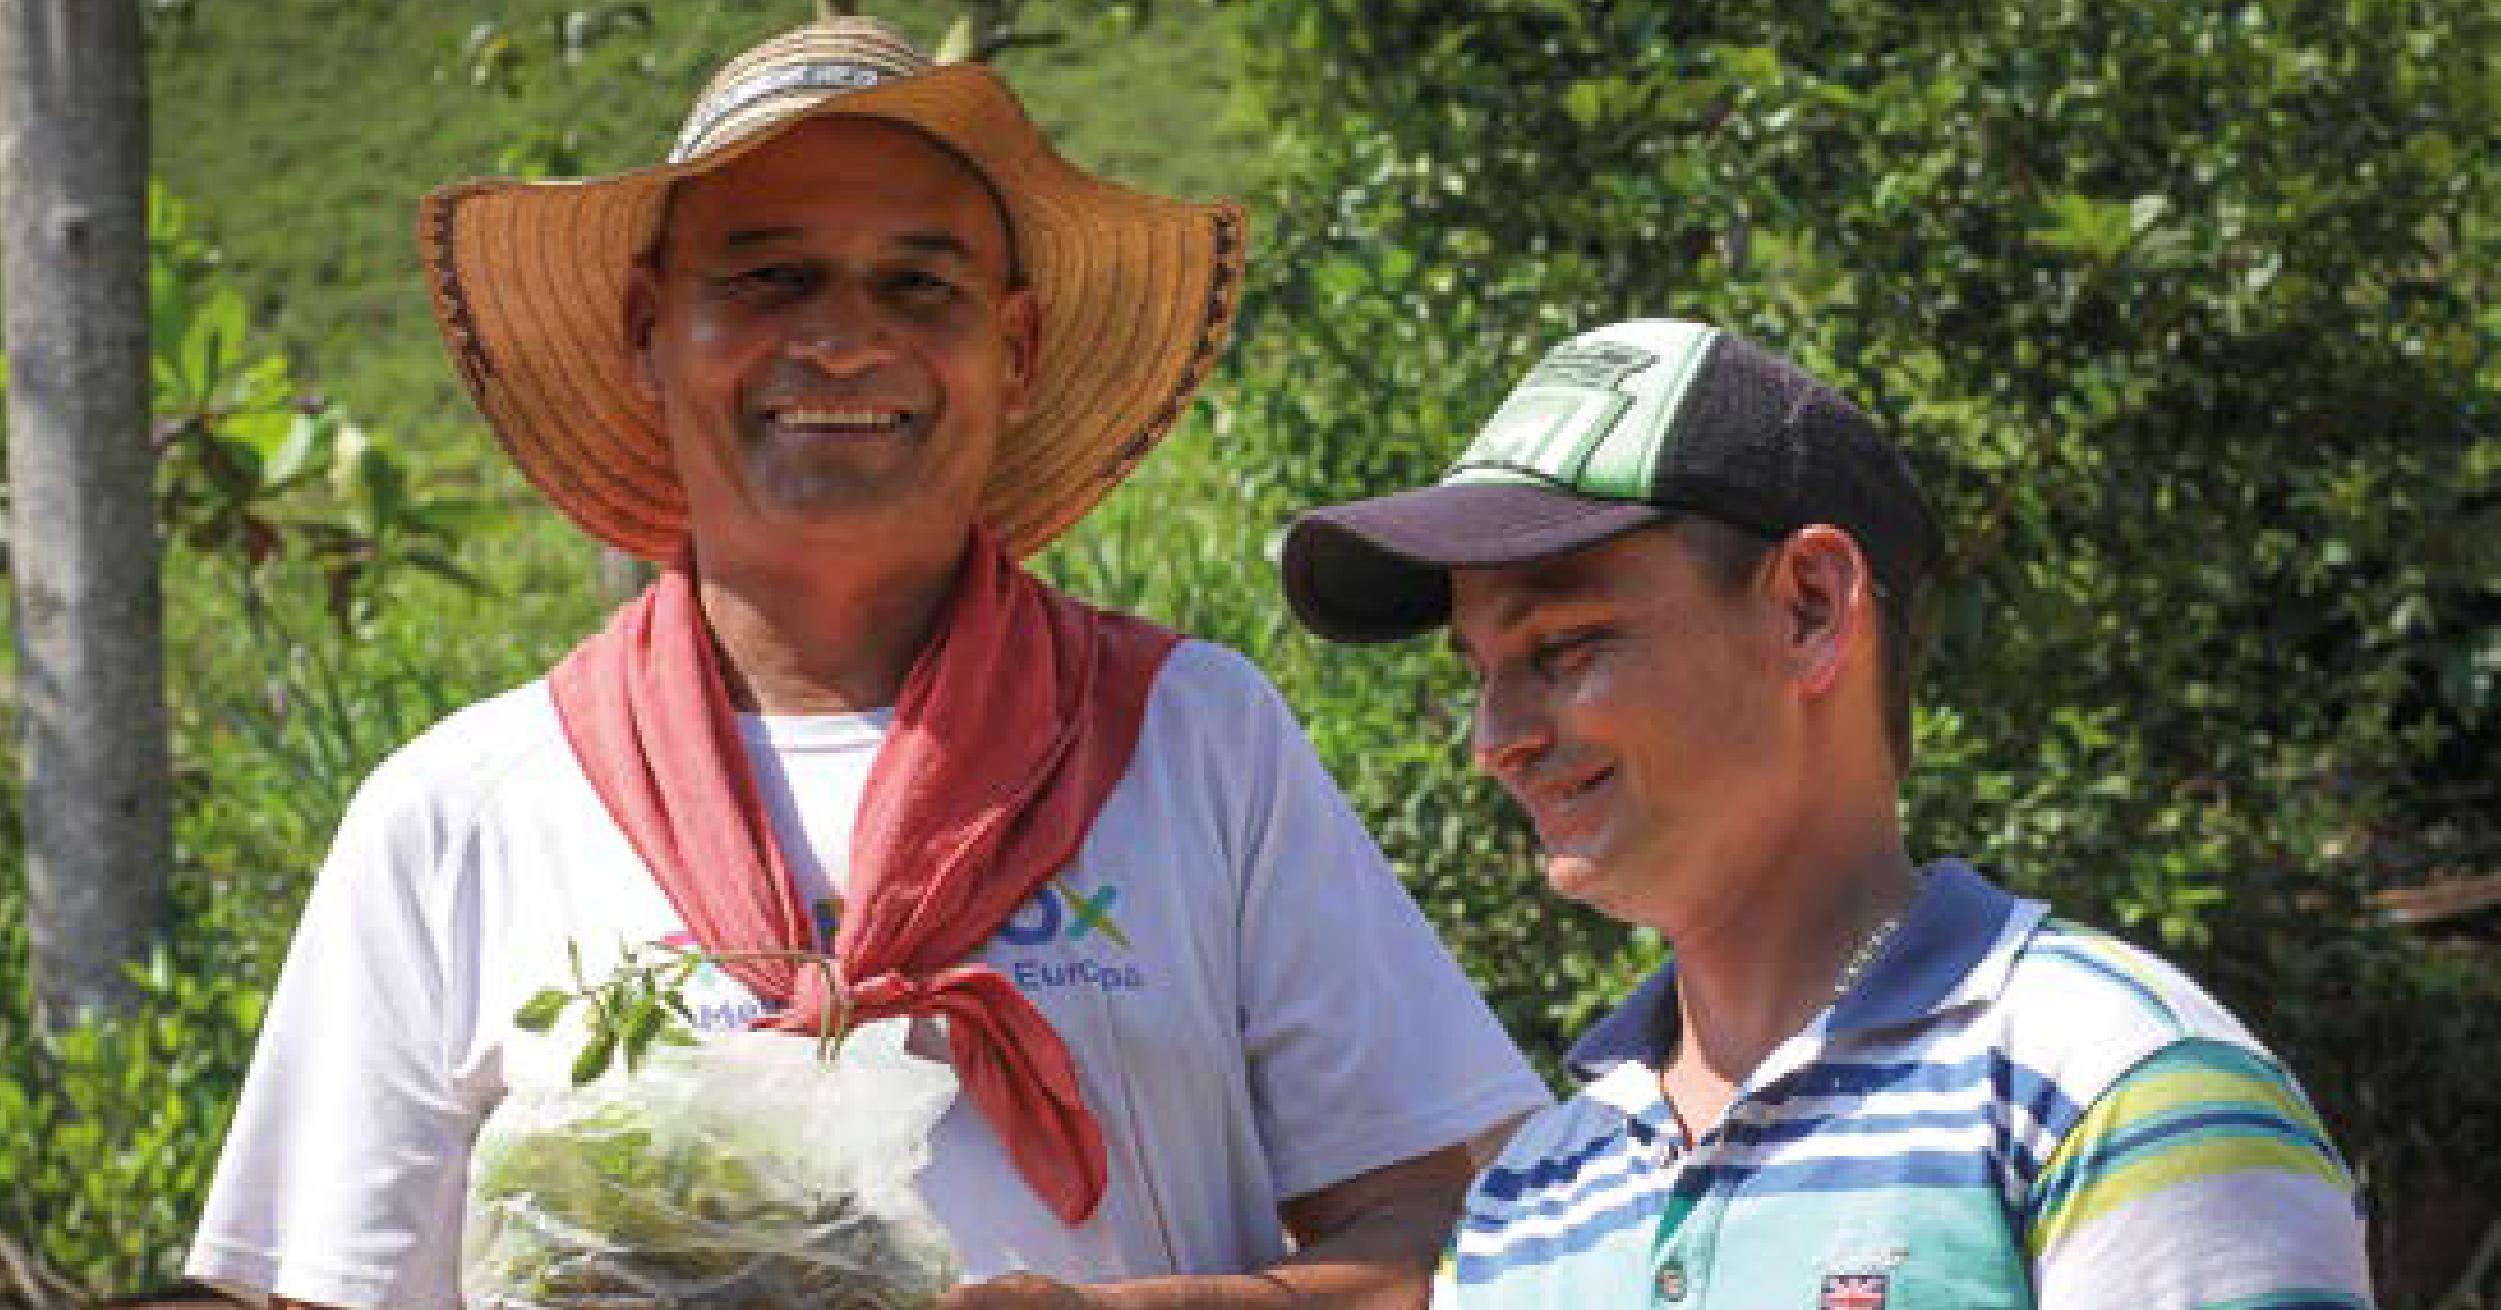 La alcaldía promueve el cuidado del medio ambiente por parte de la comunidad